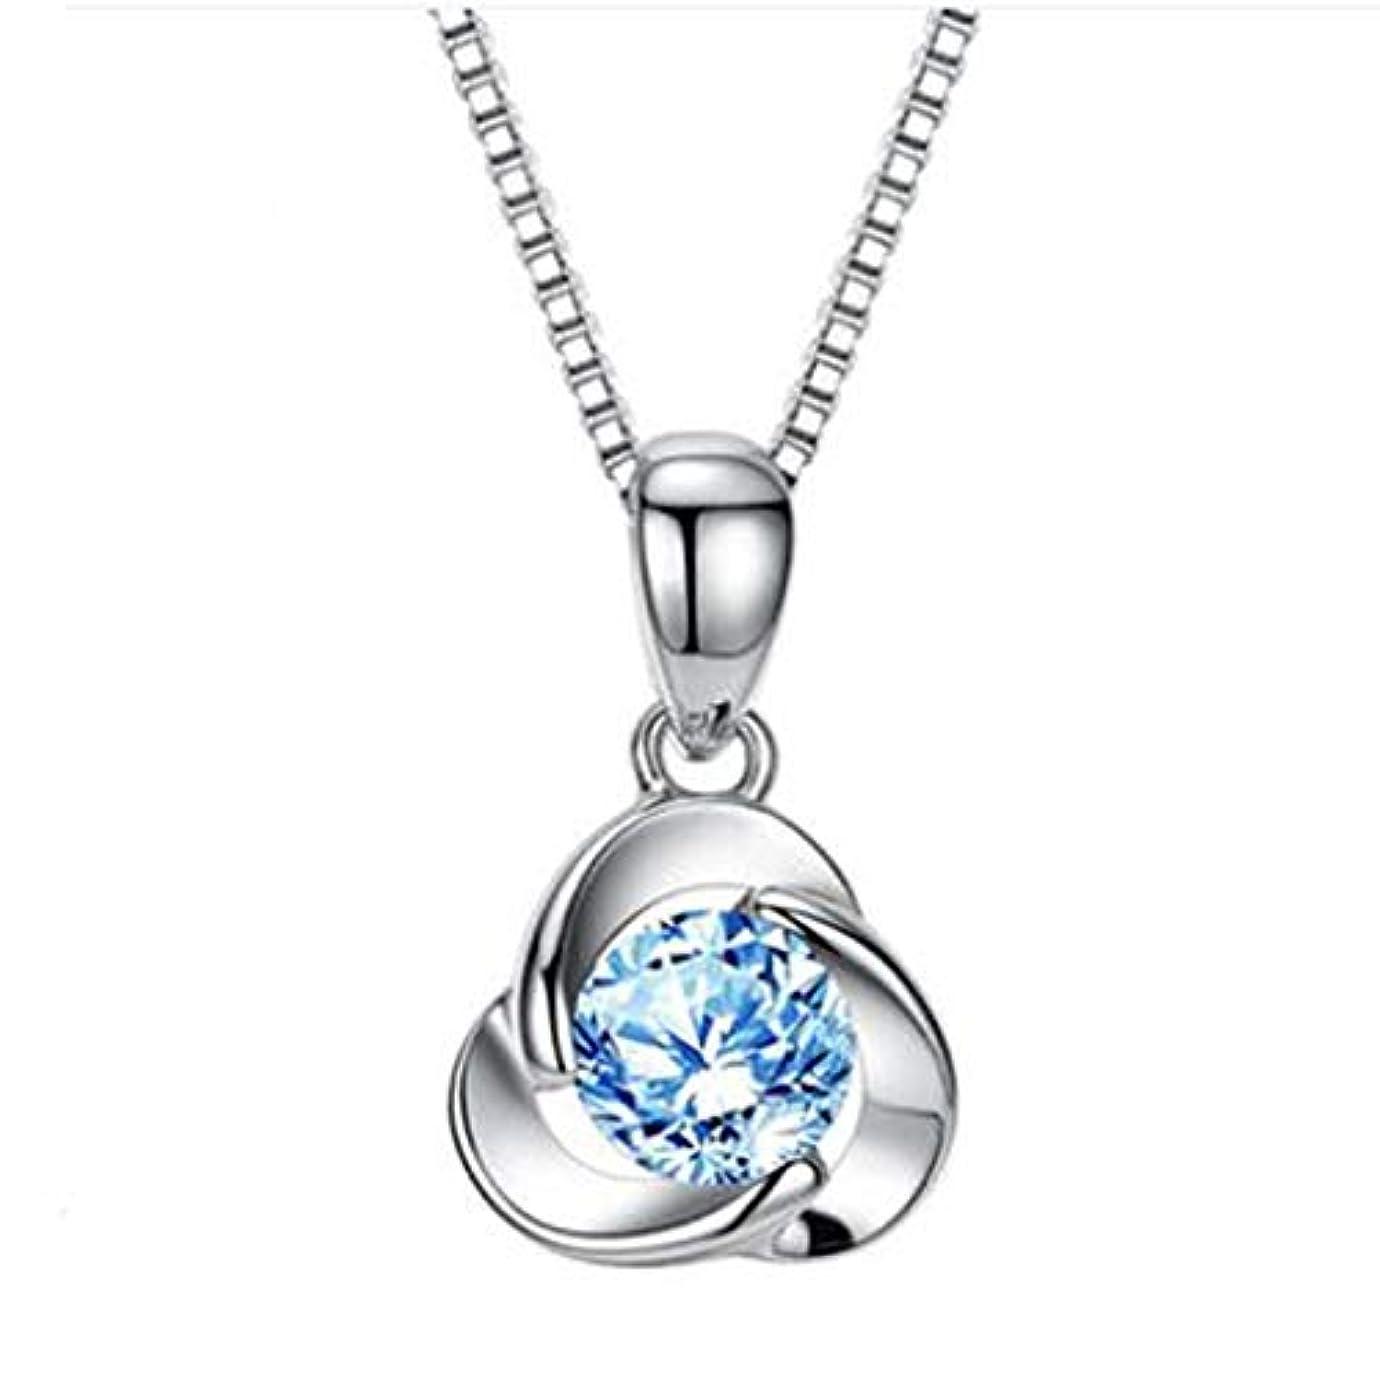 関数ふりをする発動機Jingfengtongxun ガールフレンドの妻の誕生日プレゼントを送る女性実用クリエイティブロマンチックな特別な心小さな贈り物,スタイリッシュなホリデーギフト (Color : Blue)